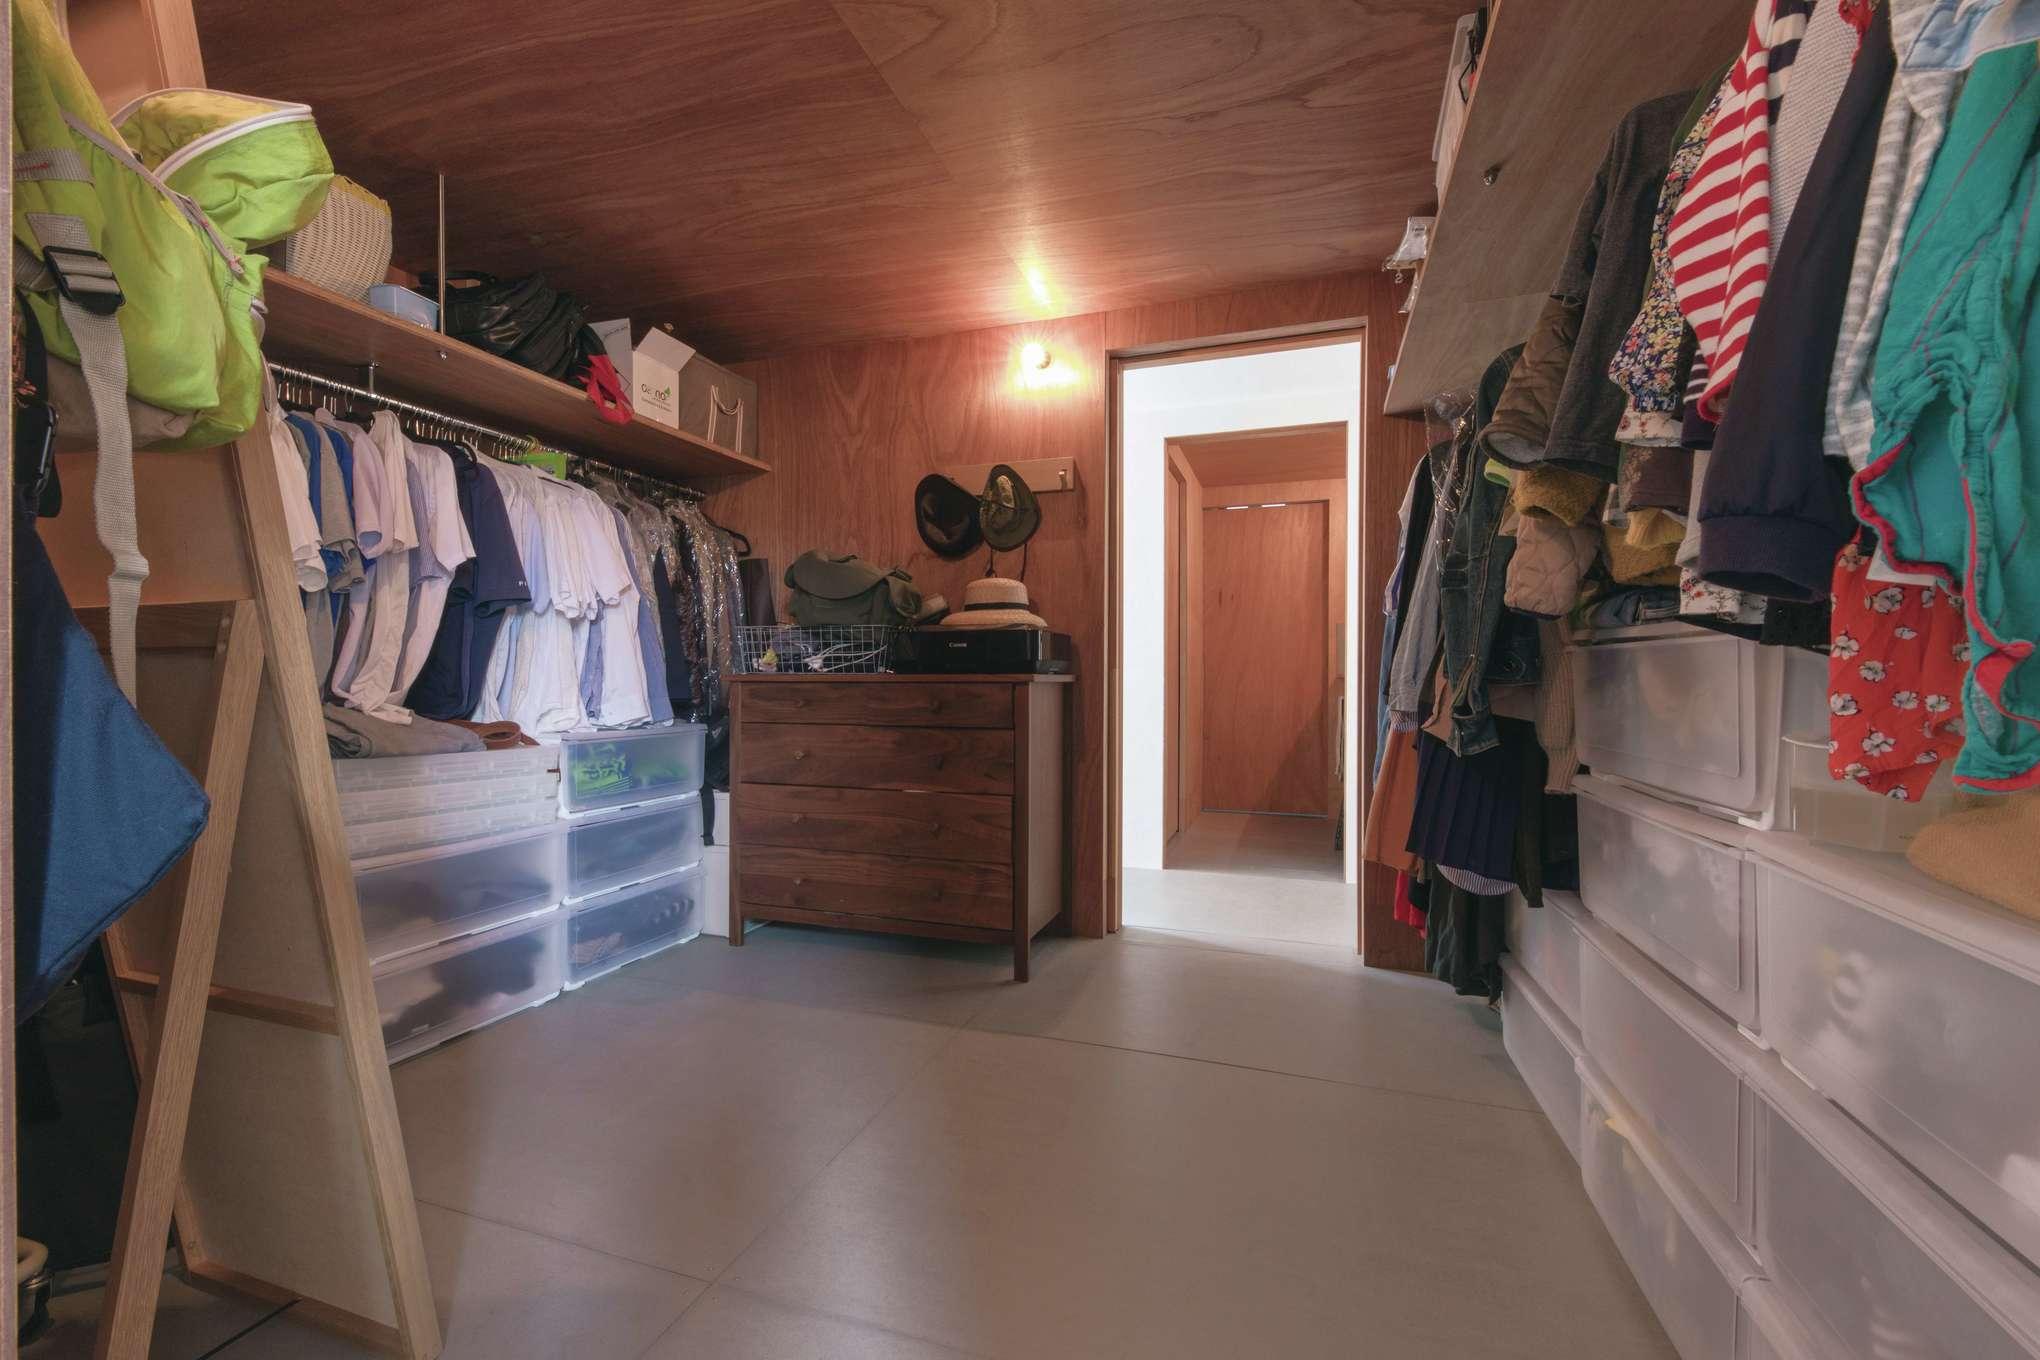 建杜 KENT(大栄工業)【デザイン住宅、自然素材、建築家】キッチンに隣接して洗面脱衣所へ抜けるクローゼット。動線も兼ね空間も時間も有効活用できる